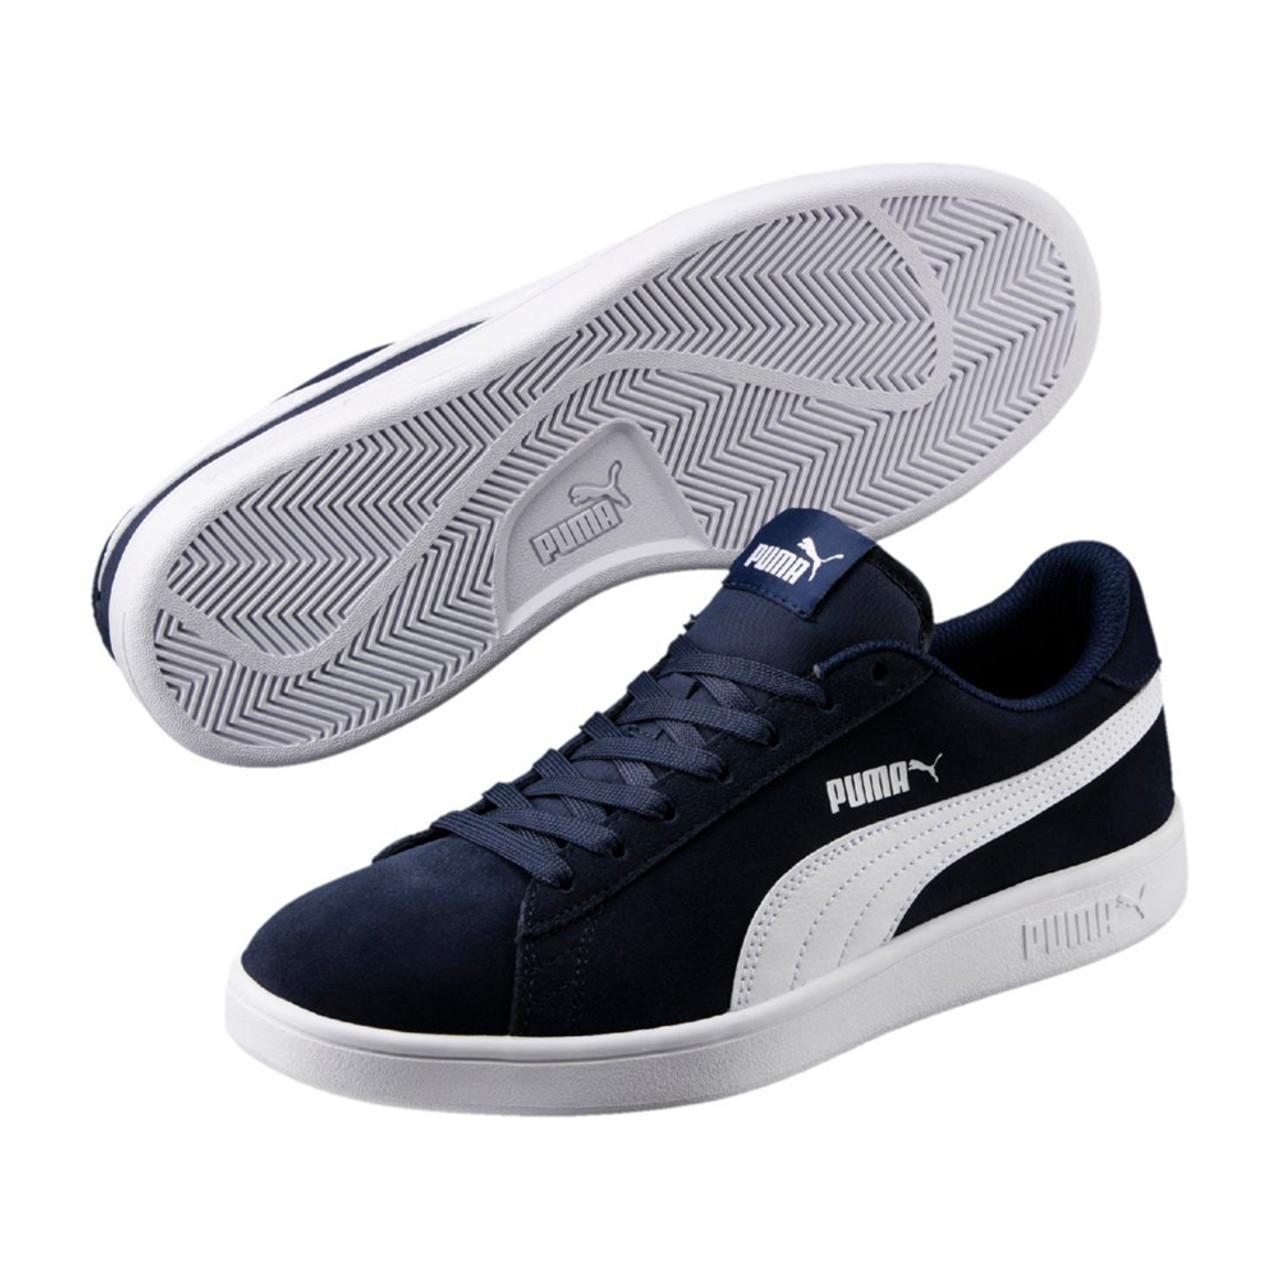 Puma Men's Puma Smash V2 Sneaker Peacoat/White